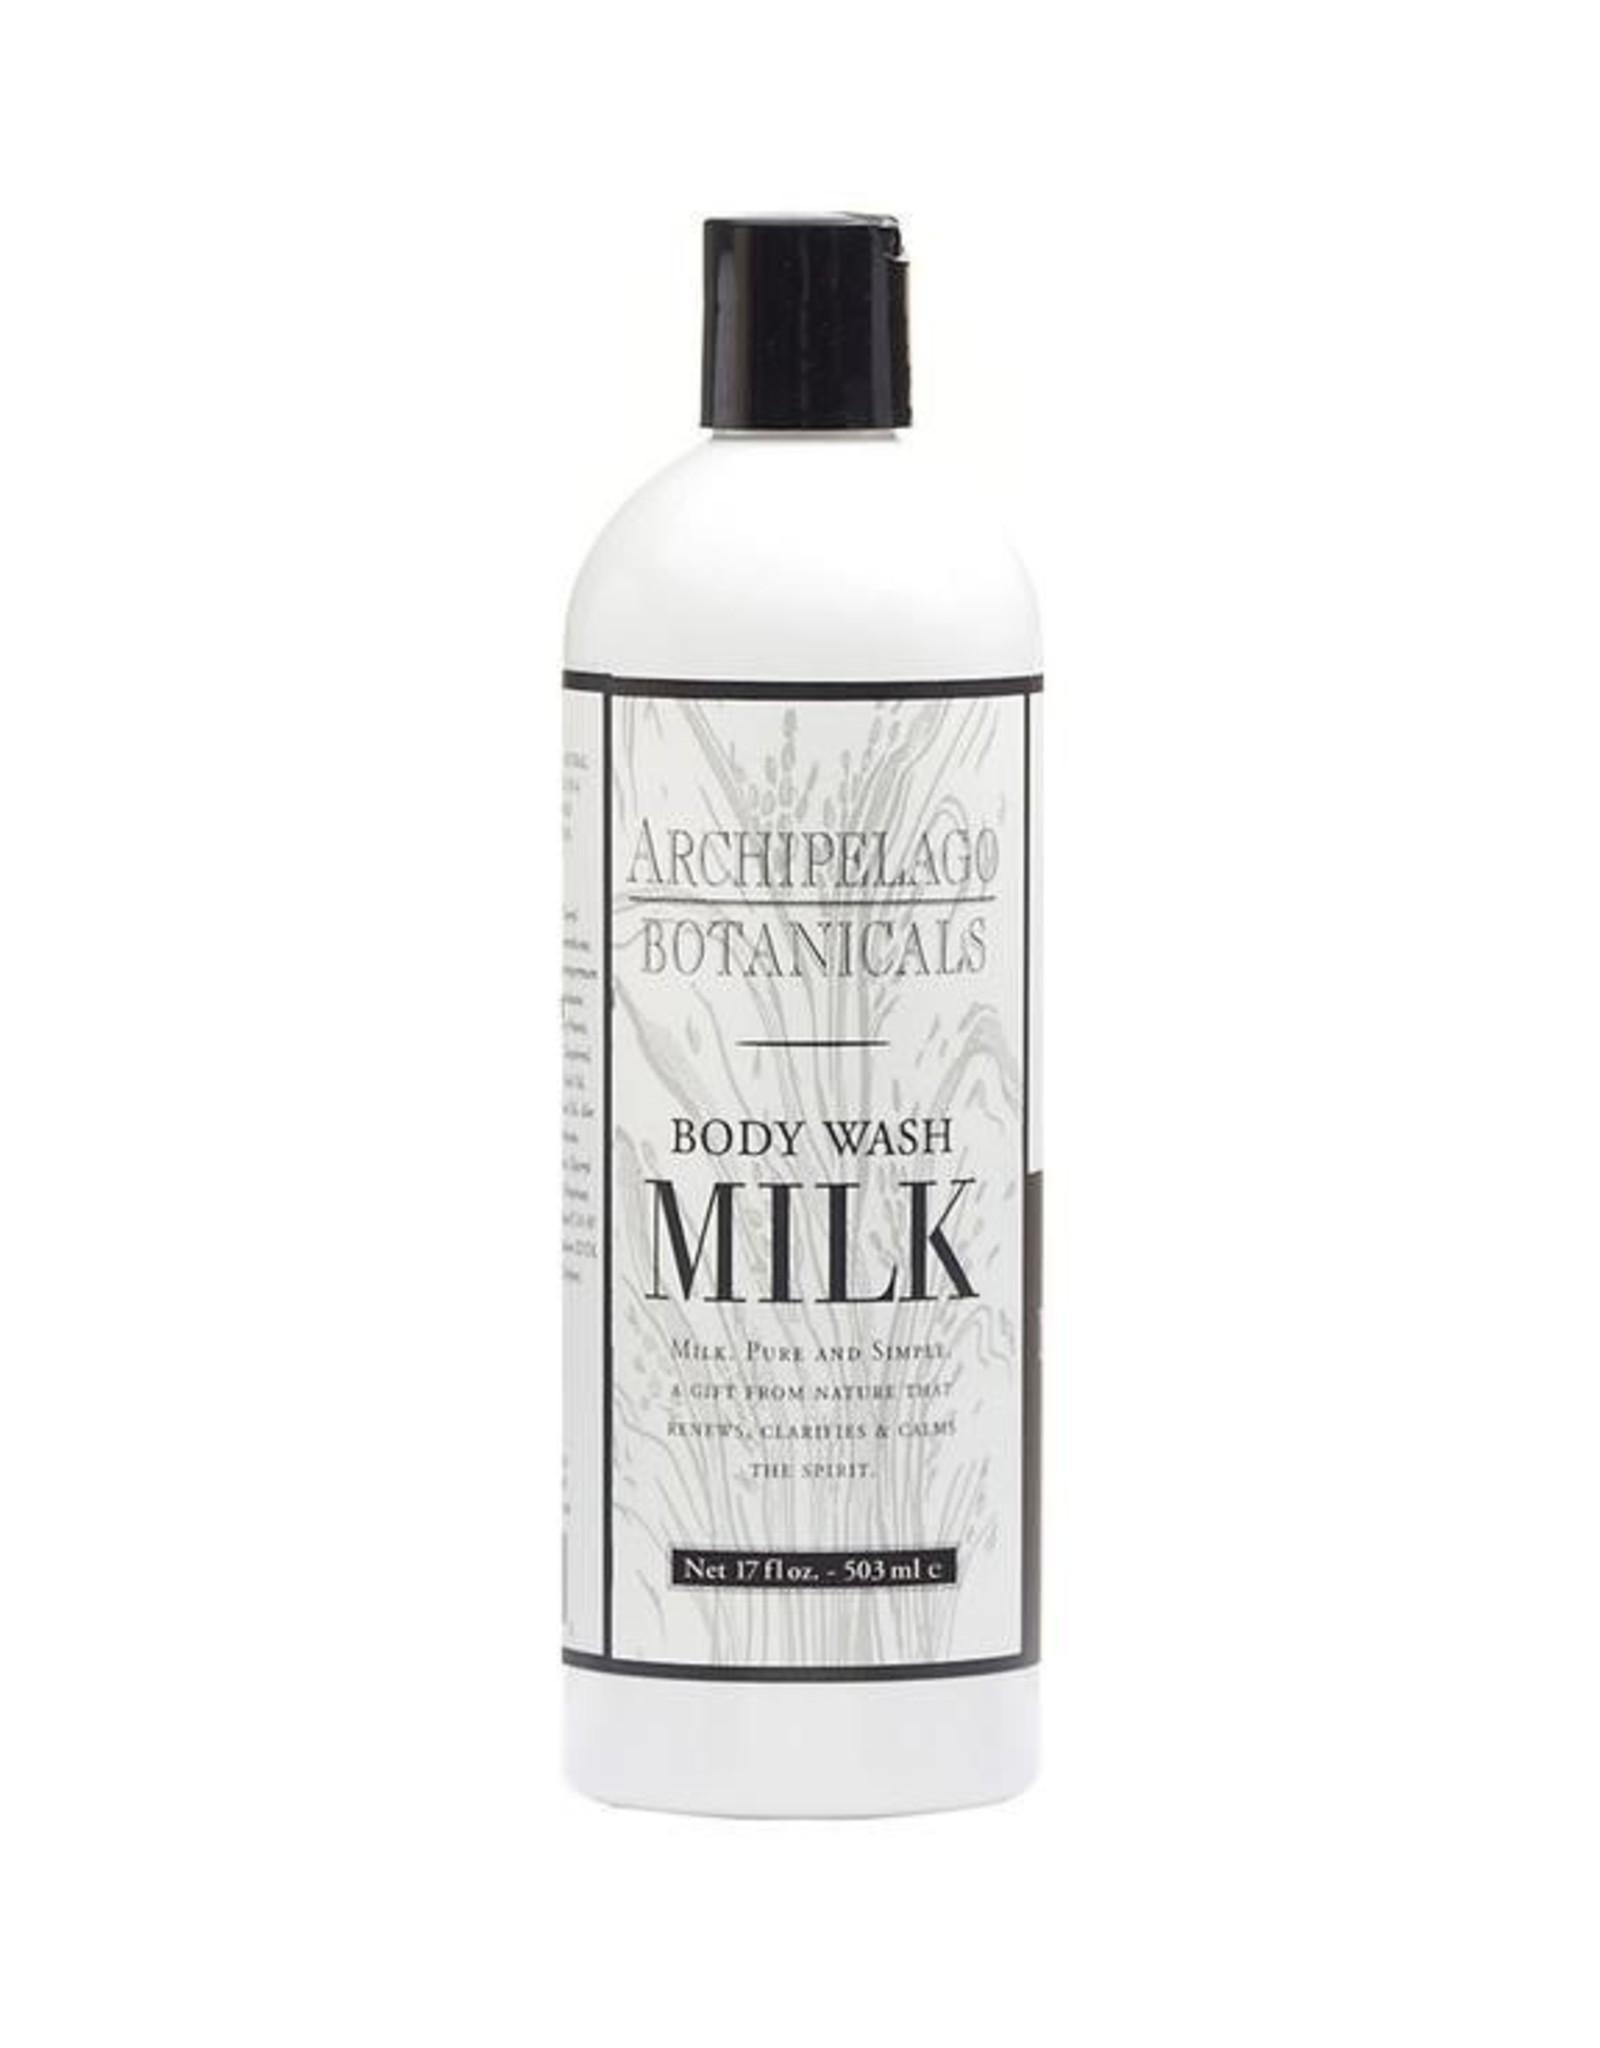 Archipelago 17oz Milk Body Wash